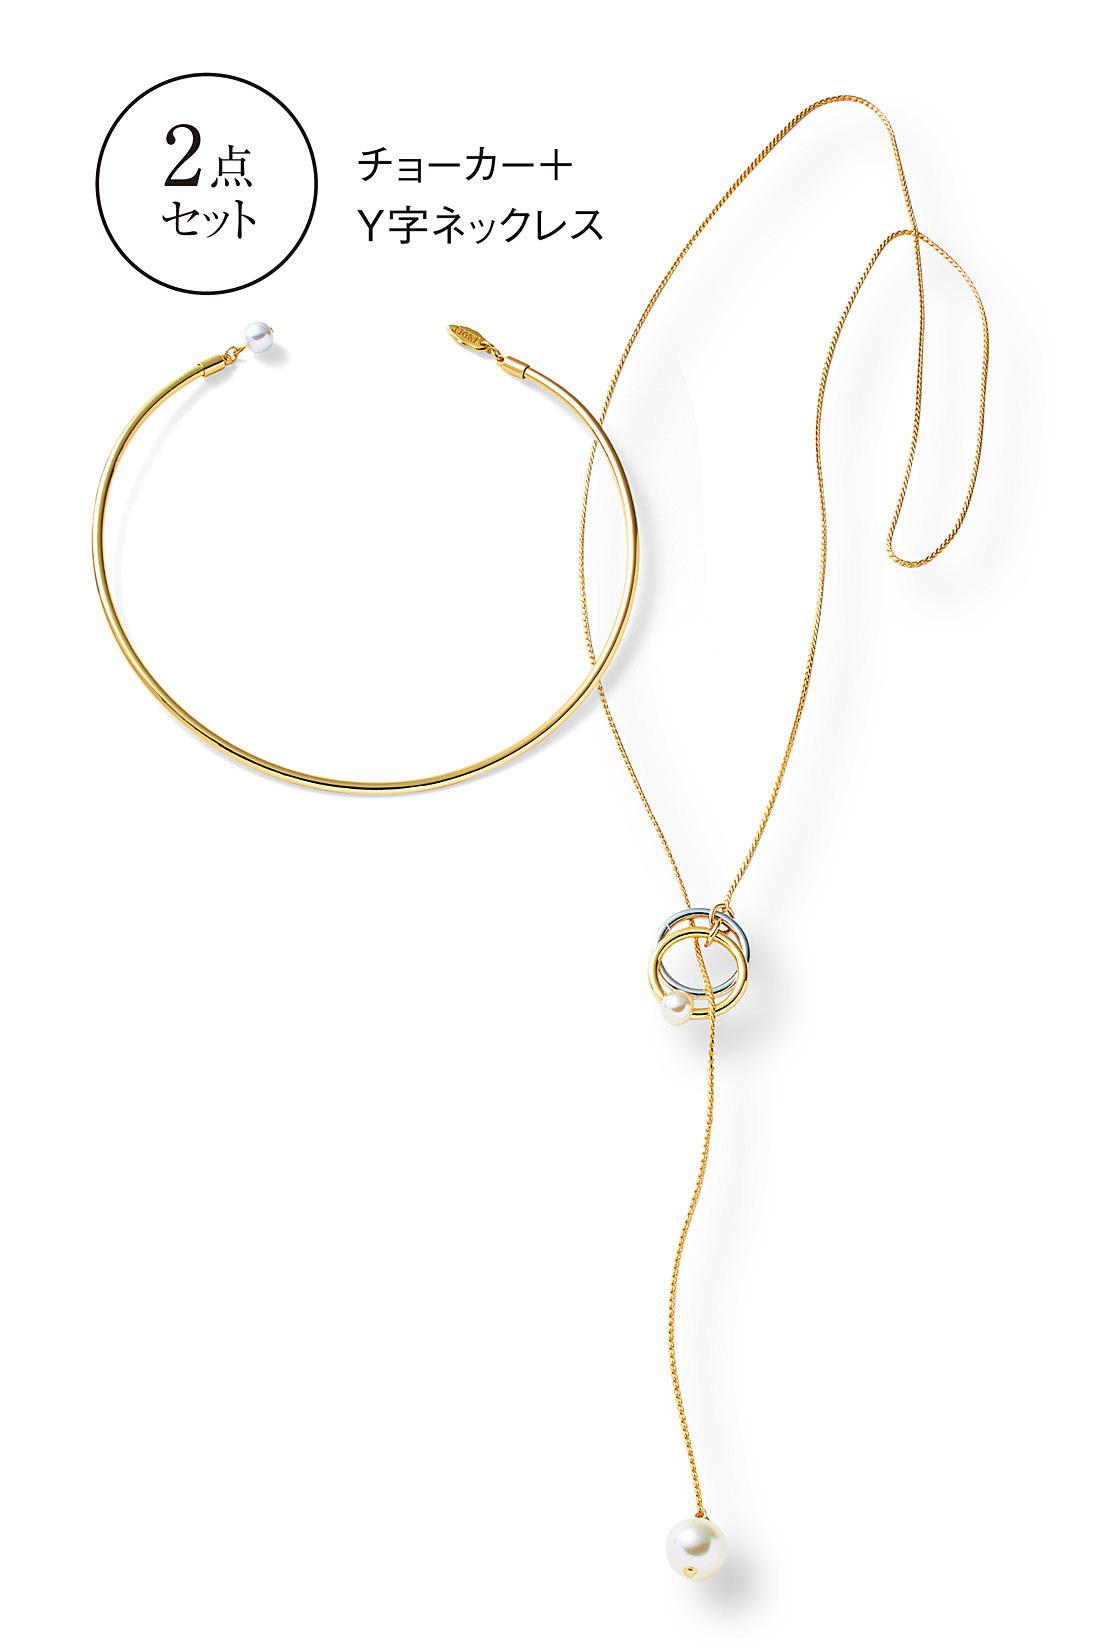 Y字ネックレスはゴールド&シルバーのリングとパールのコンビネーションが繊細な印象です。